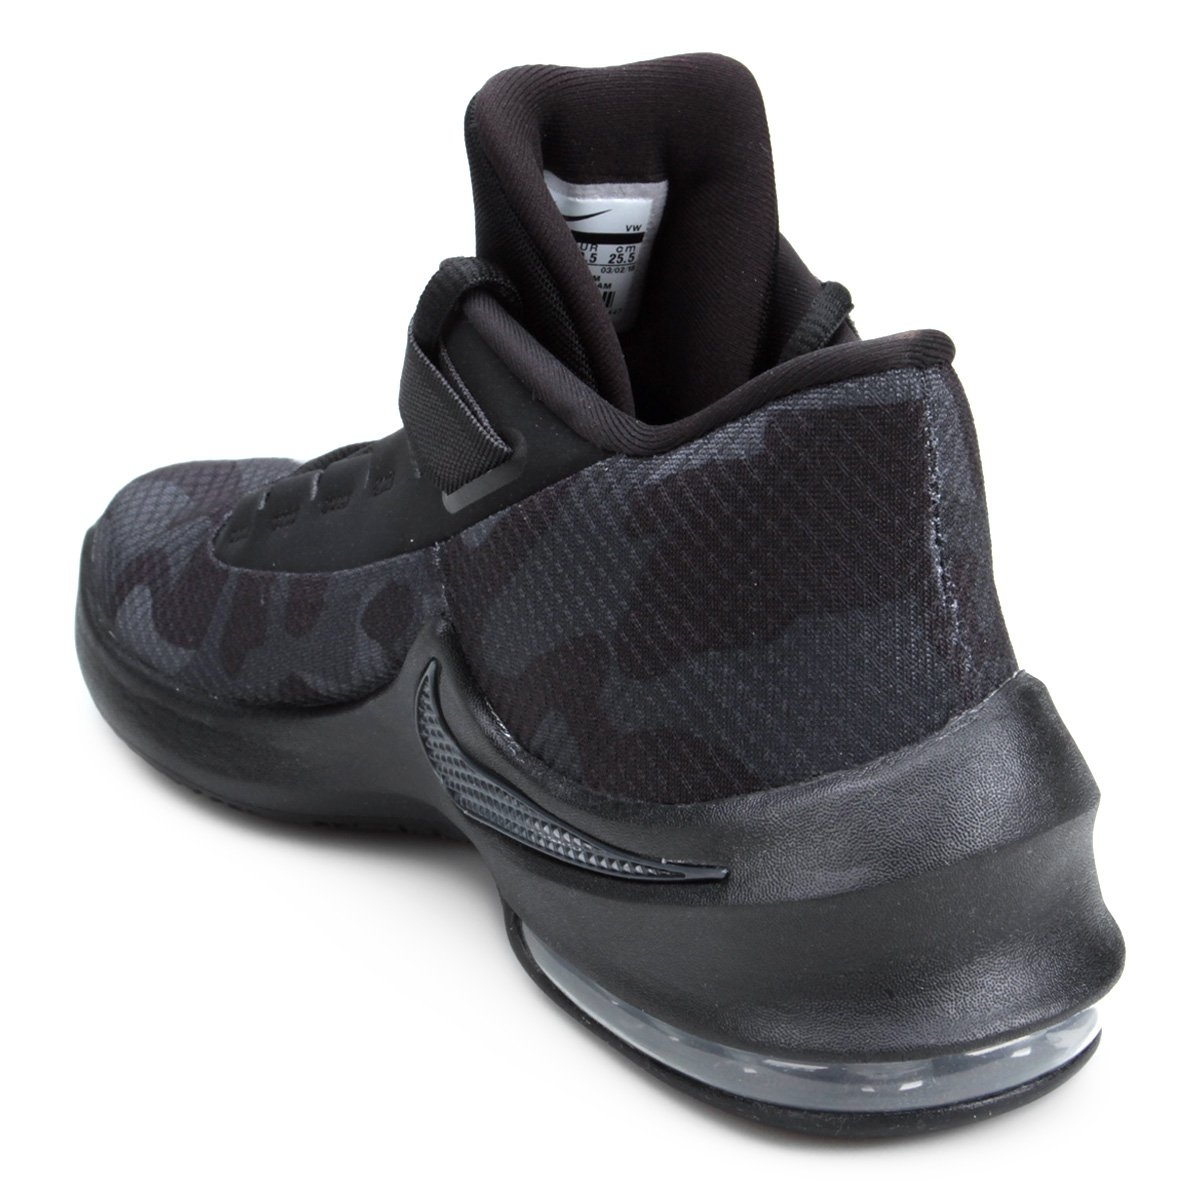 3c44d1195dda7 Foto 2 - Tênis Nike Air Max Infuriate 2 Mid Premium Masculino